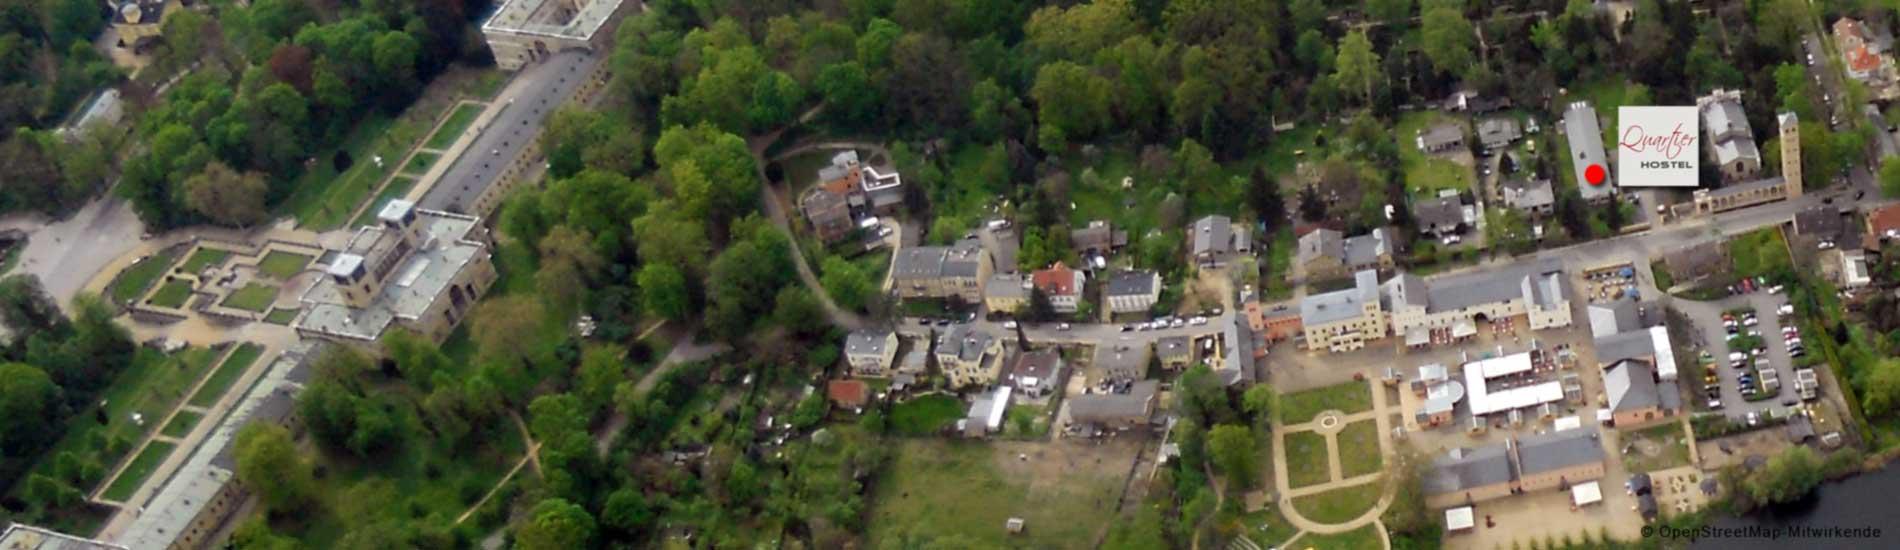 Lage des Quartier Potsdam Hostel am Park Sanssouci